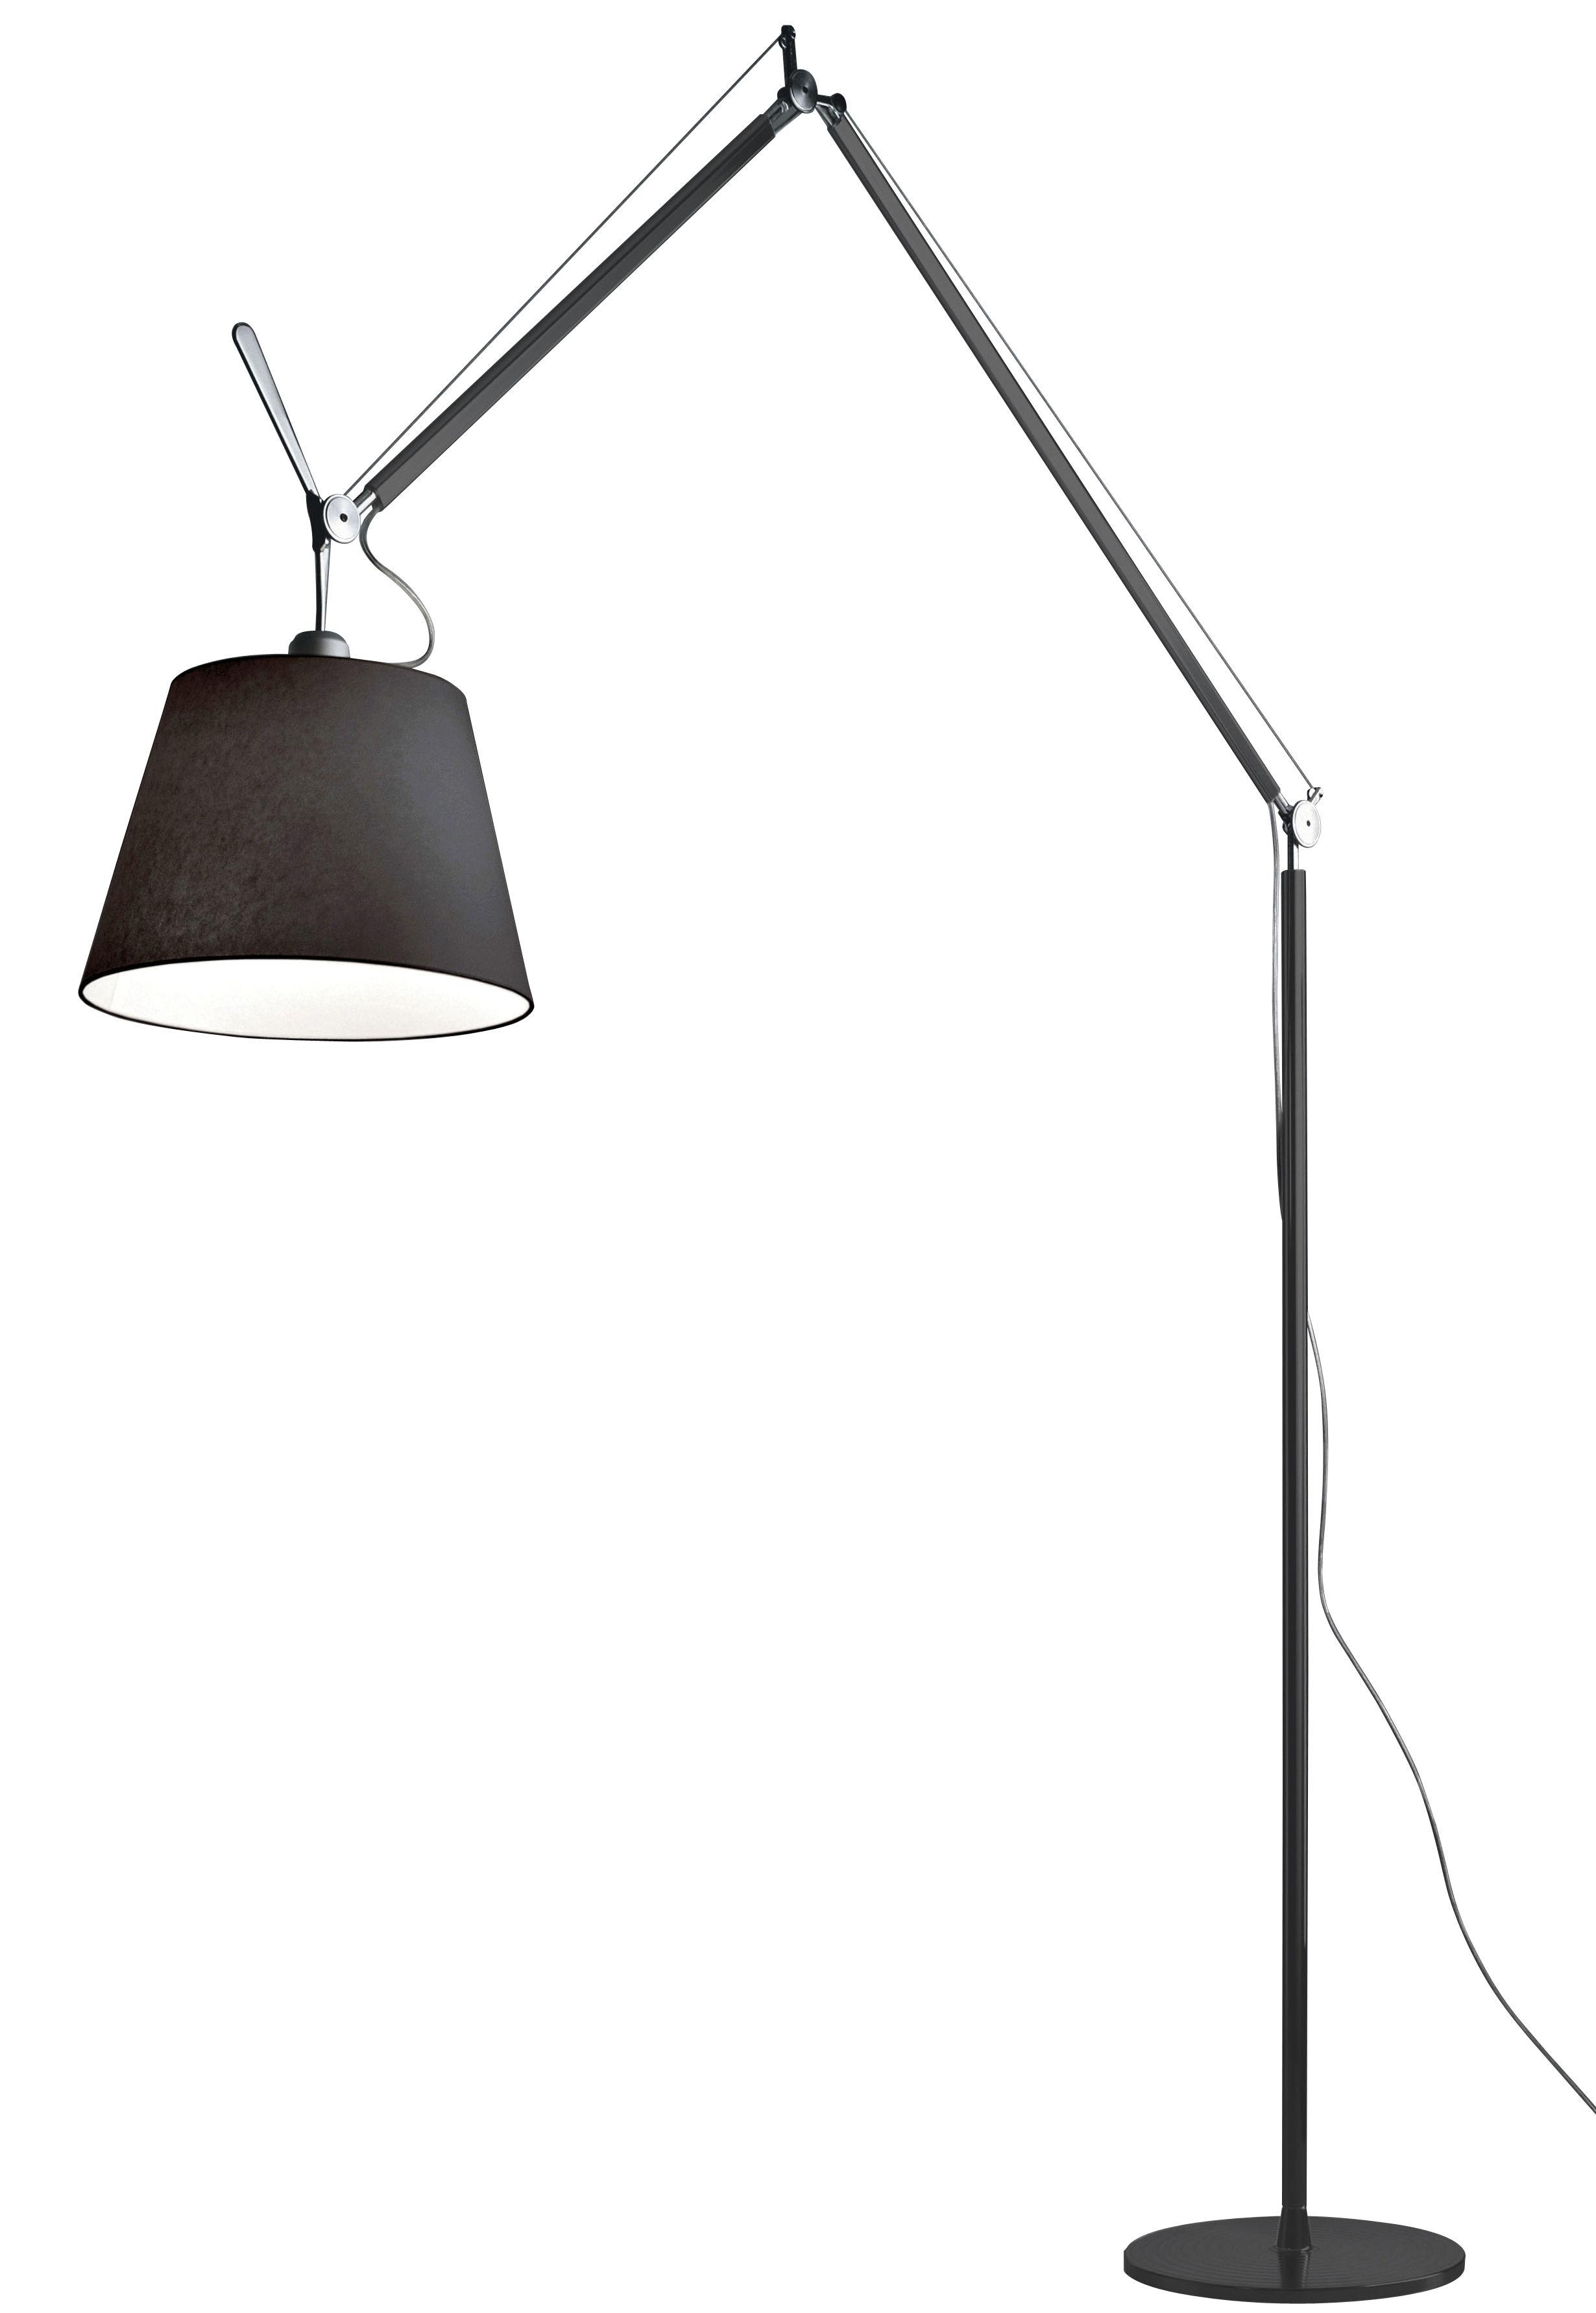 Leuchten - Stehleuchten - Tolomeo Mega LED Stehleuchte / H 148 bis 327 cm - Artemide - Lampenschirm Ø 42 cm / schwarz - bemaltes Aluminium, Gewebe